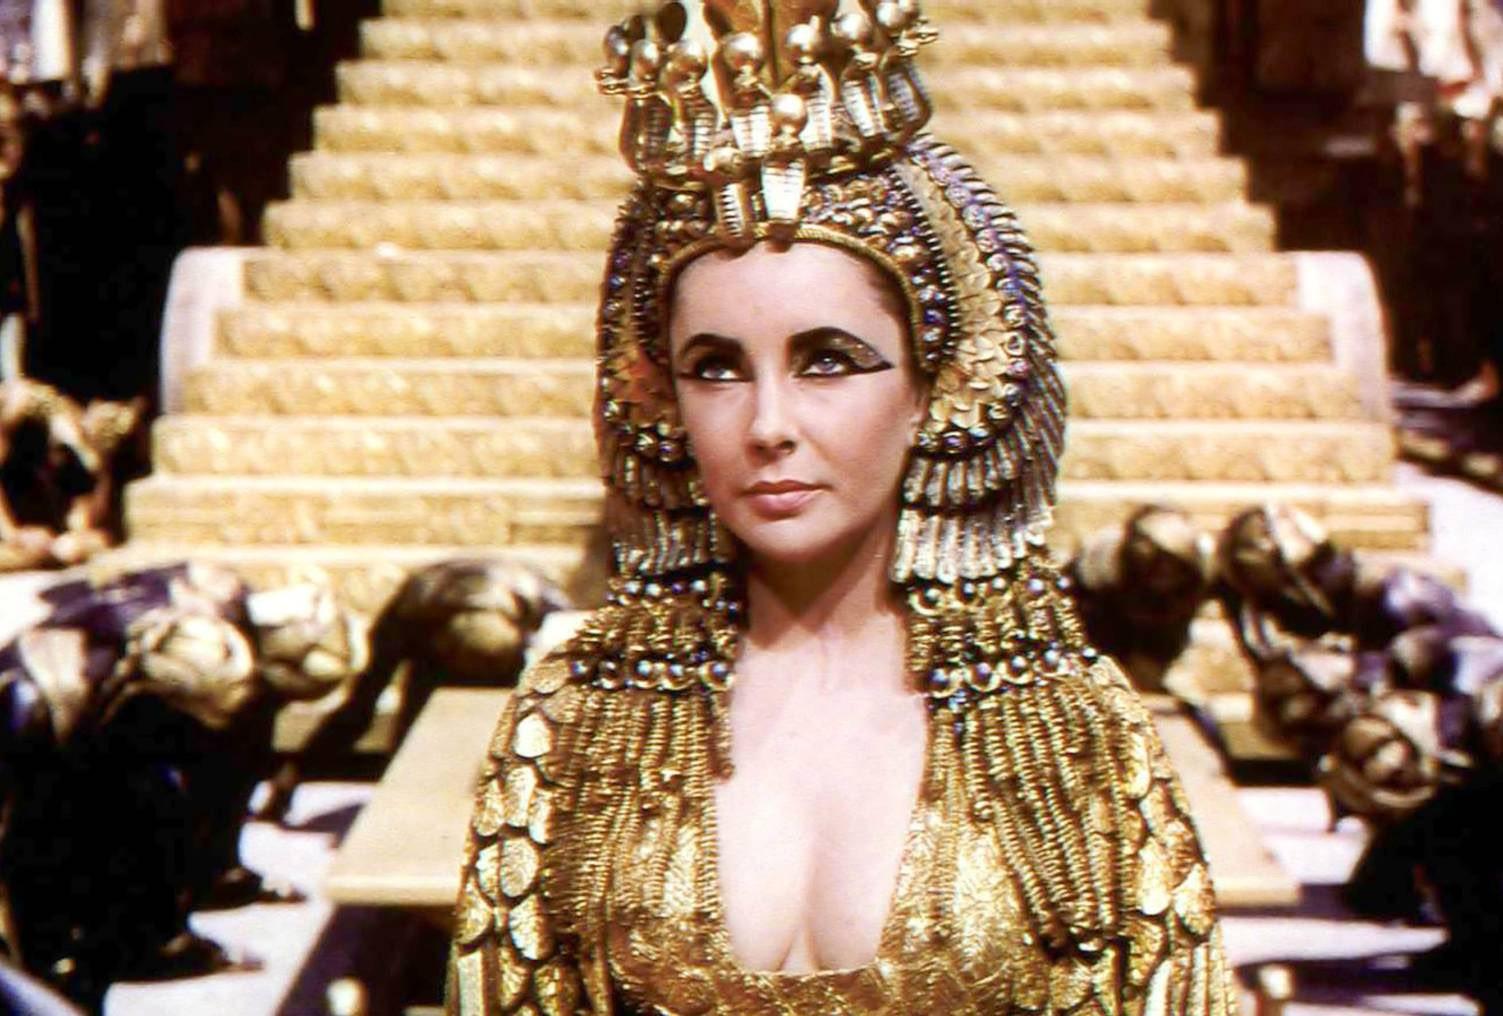 http://3.bp.blogspot.com/-mgTSi7eKwCA/T4_WSdekSTI/AAAAAAAAALQ/3X_SG6UGZUA/s1600/Cleopatra-1963-elizabeth-taylor-16282231-1503-1016.jpg